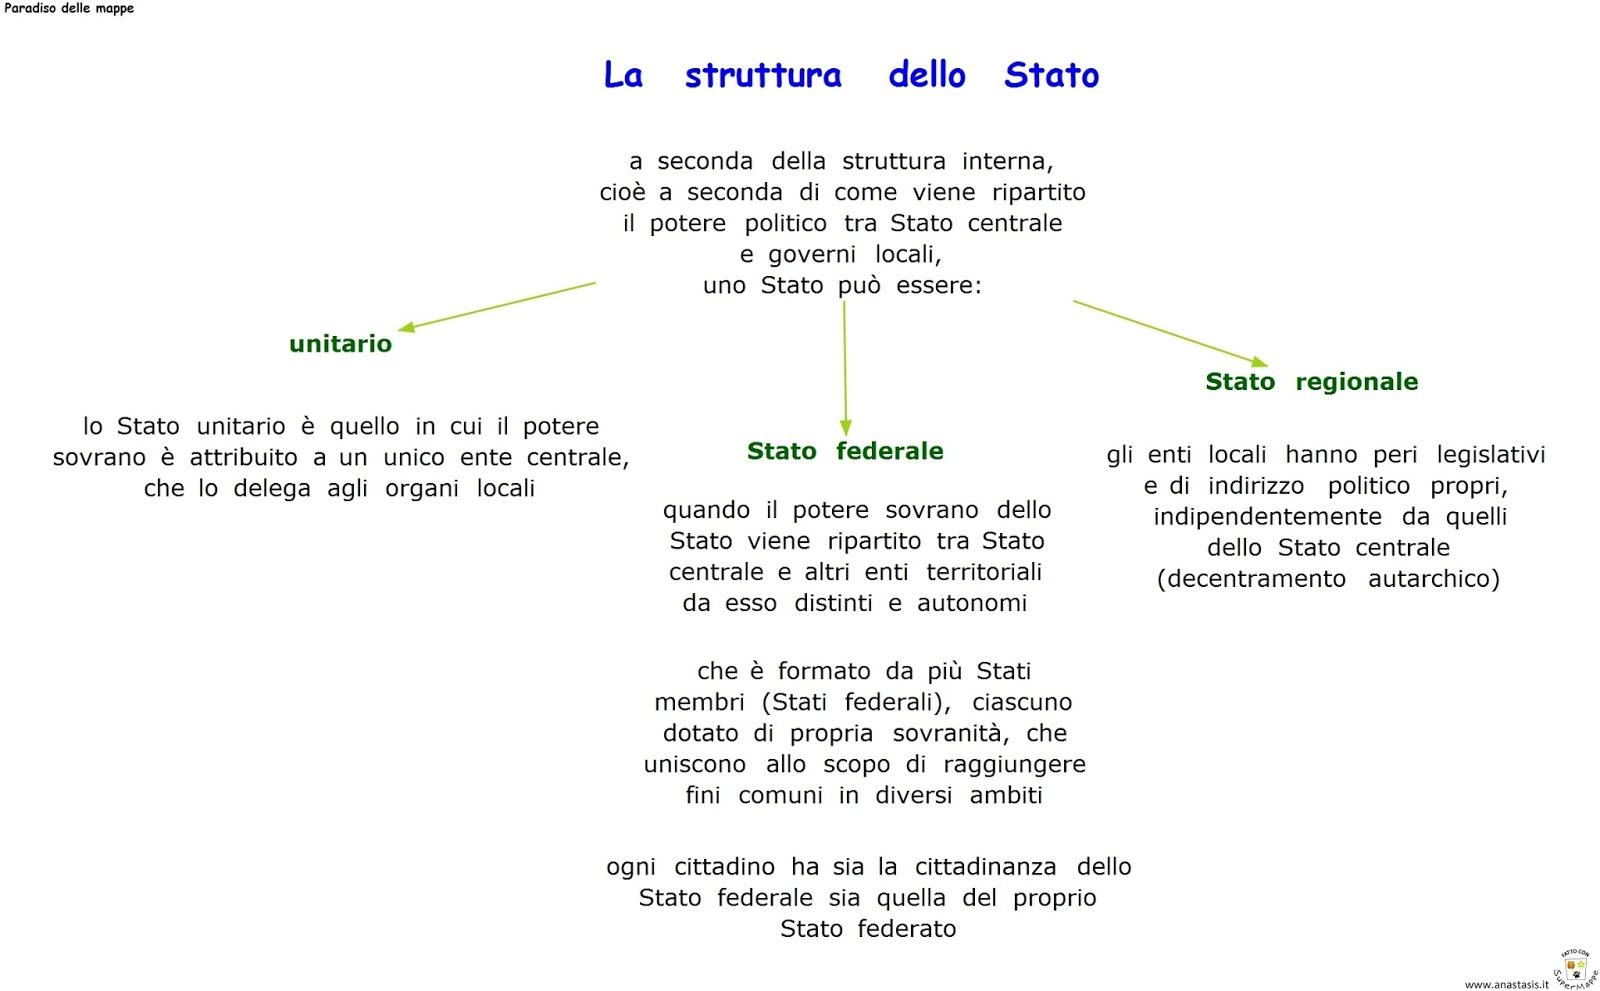 Paradiso delle mappe la struttura dello stato for Struttura del parlamento